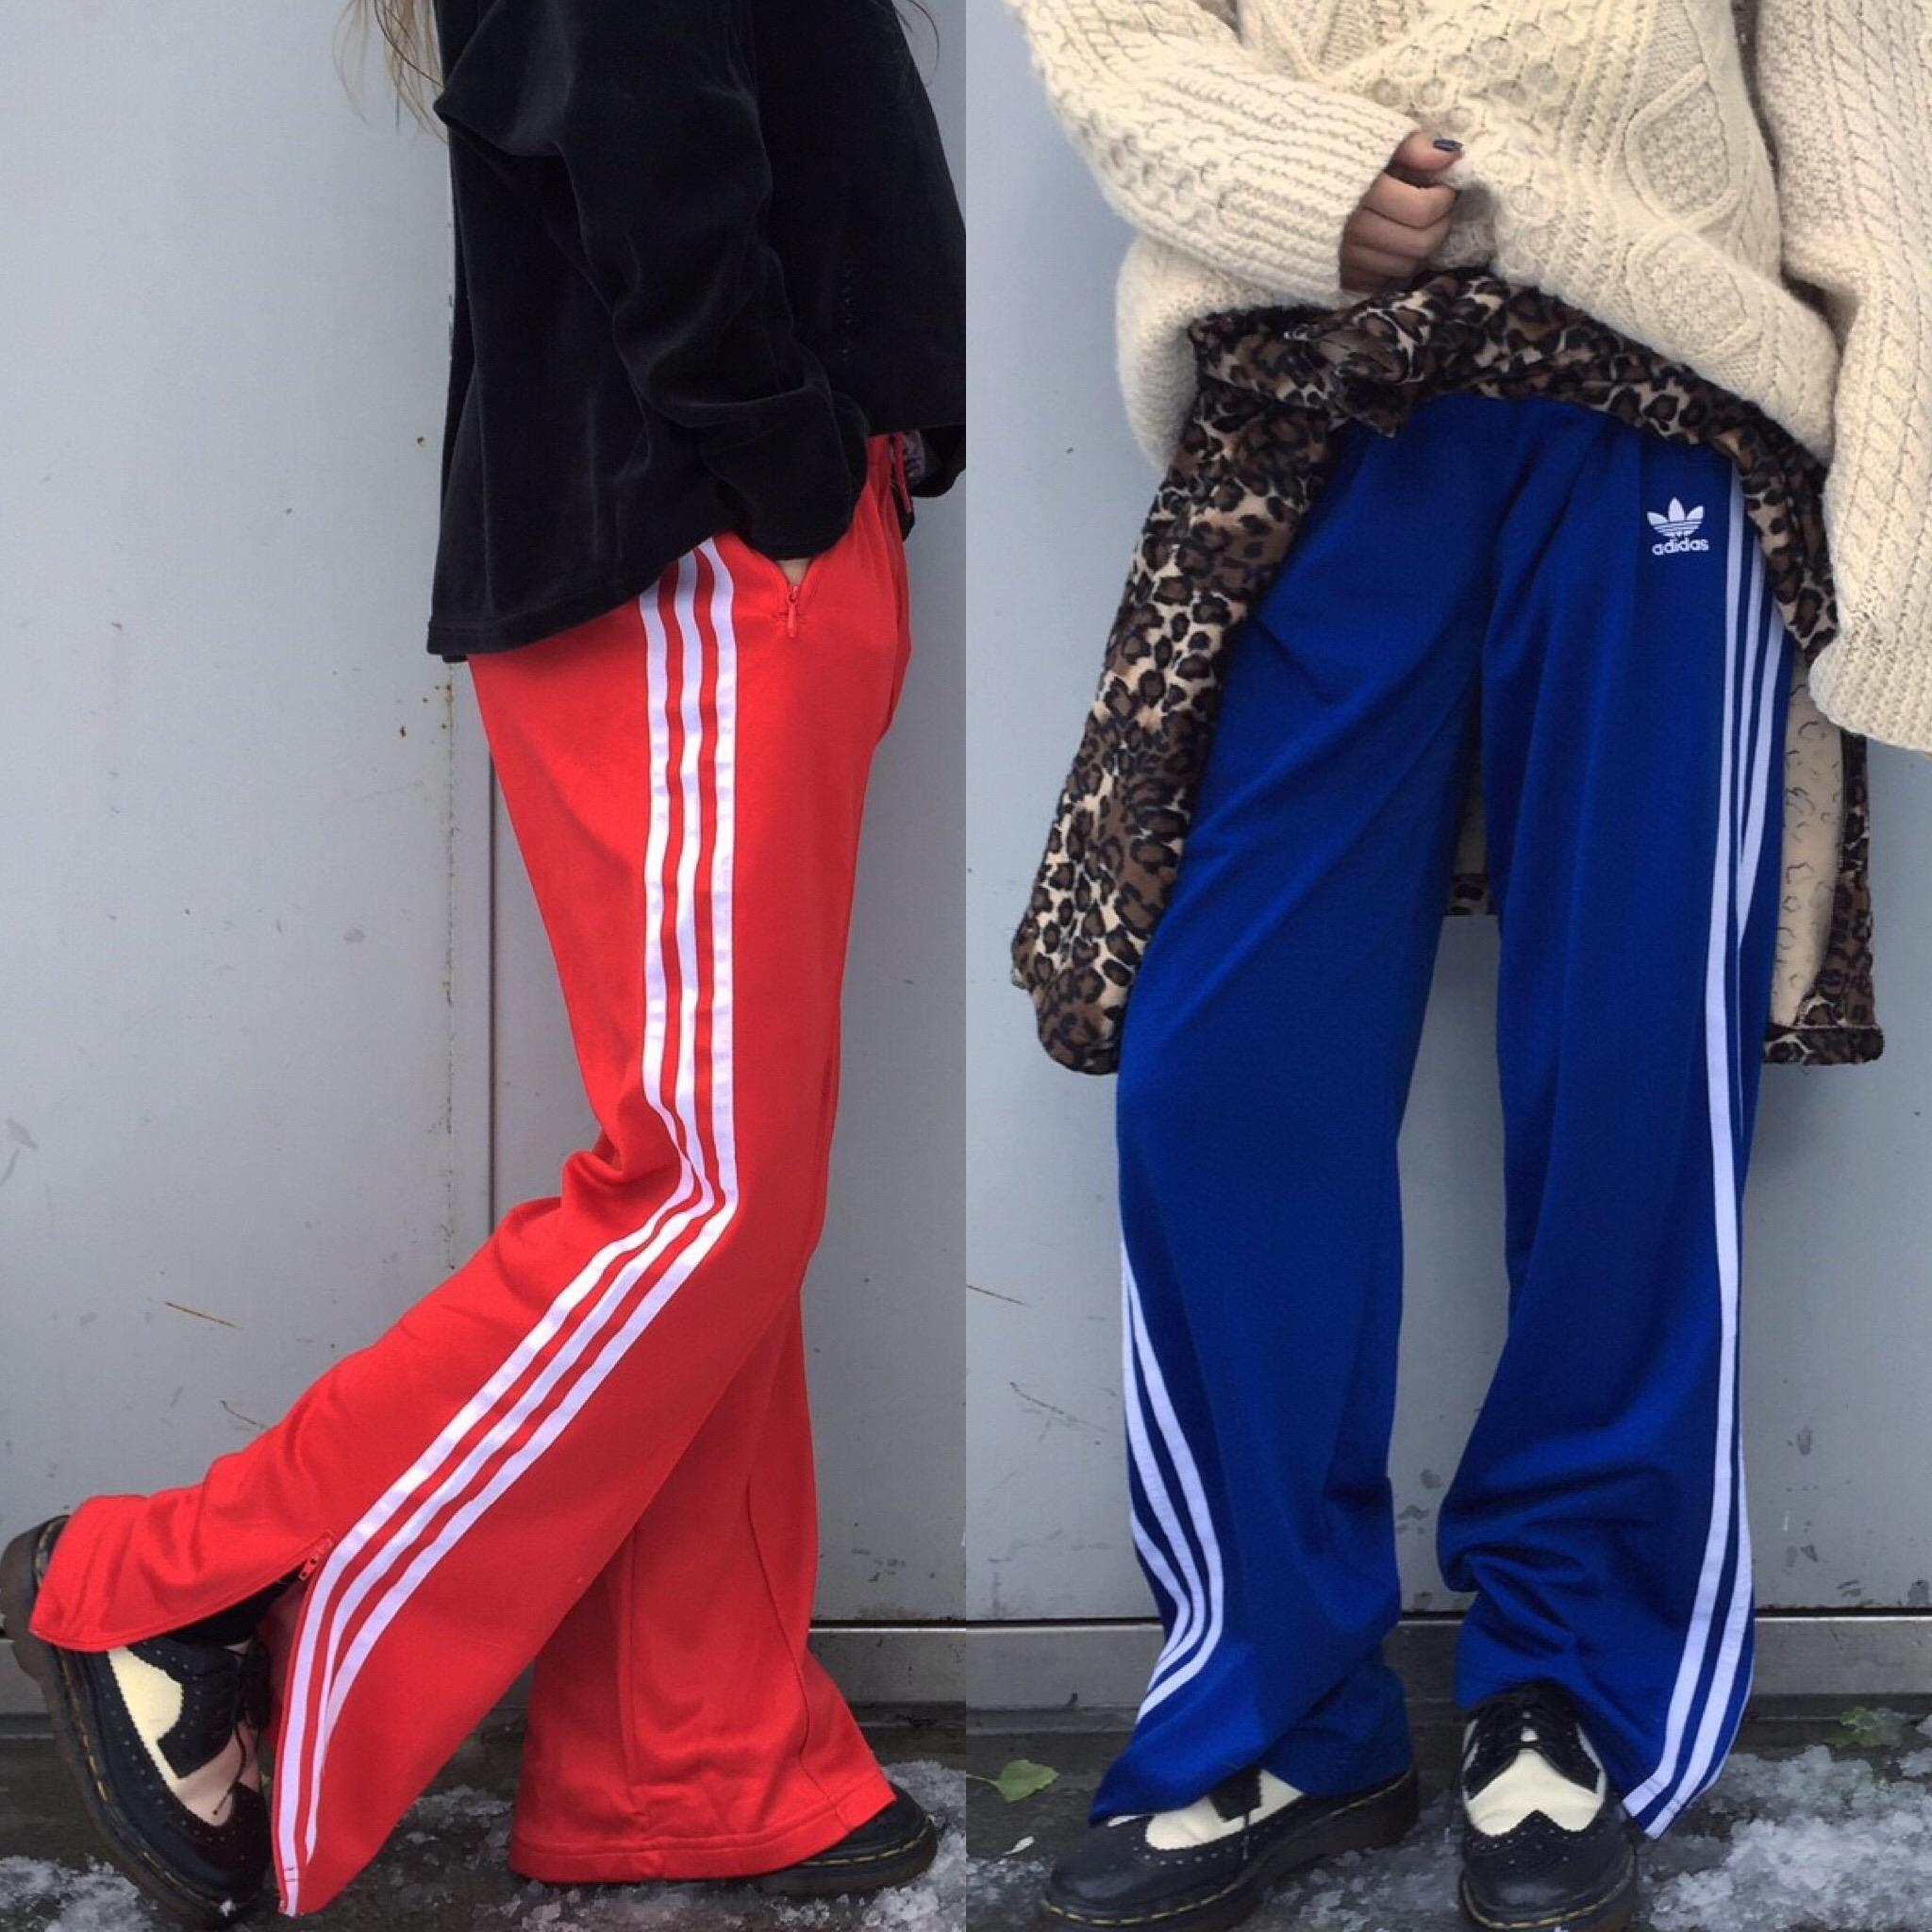 """#OOTD:カラーアイテムはボトムスで取り入れて!寒い季節に着る """"adidasジャージ""""スタイル"""